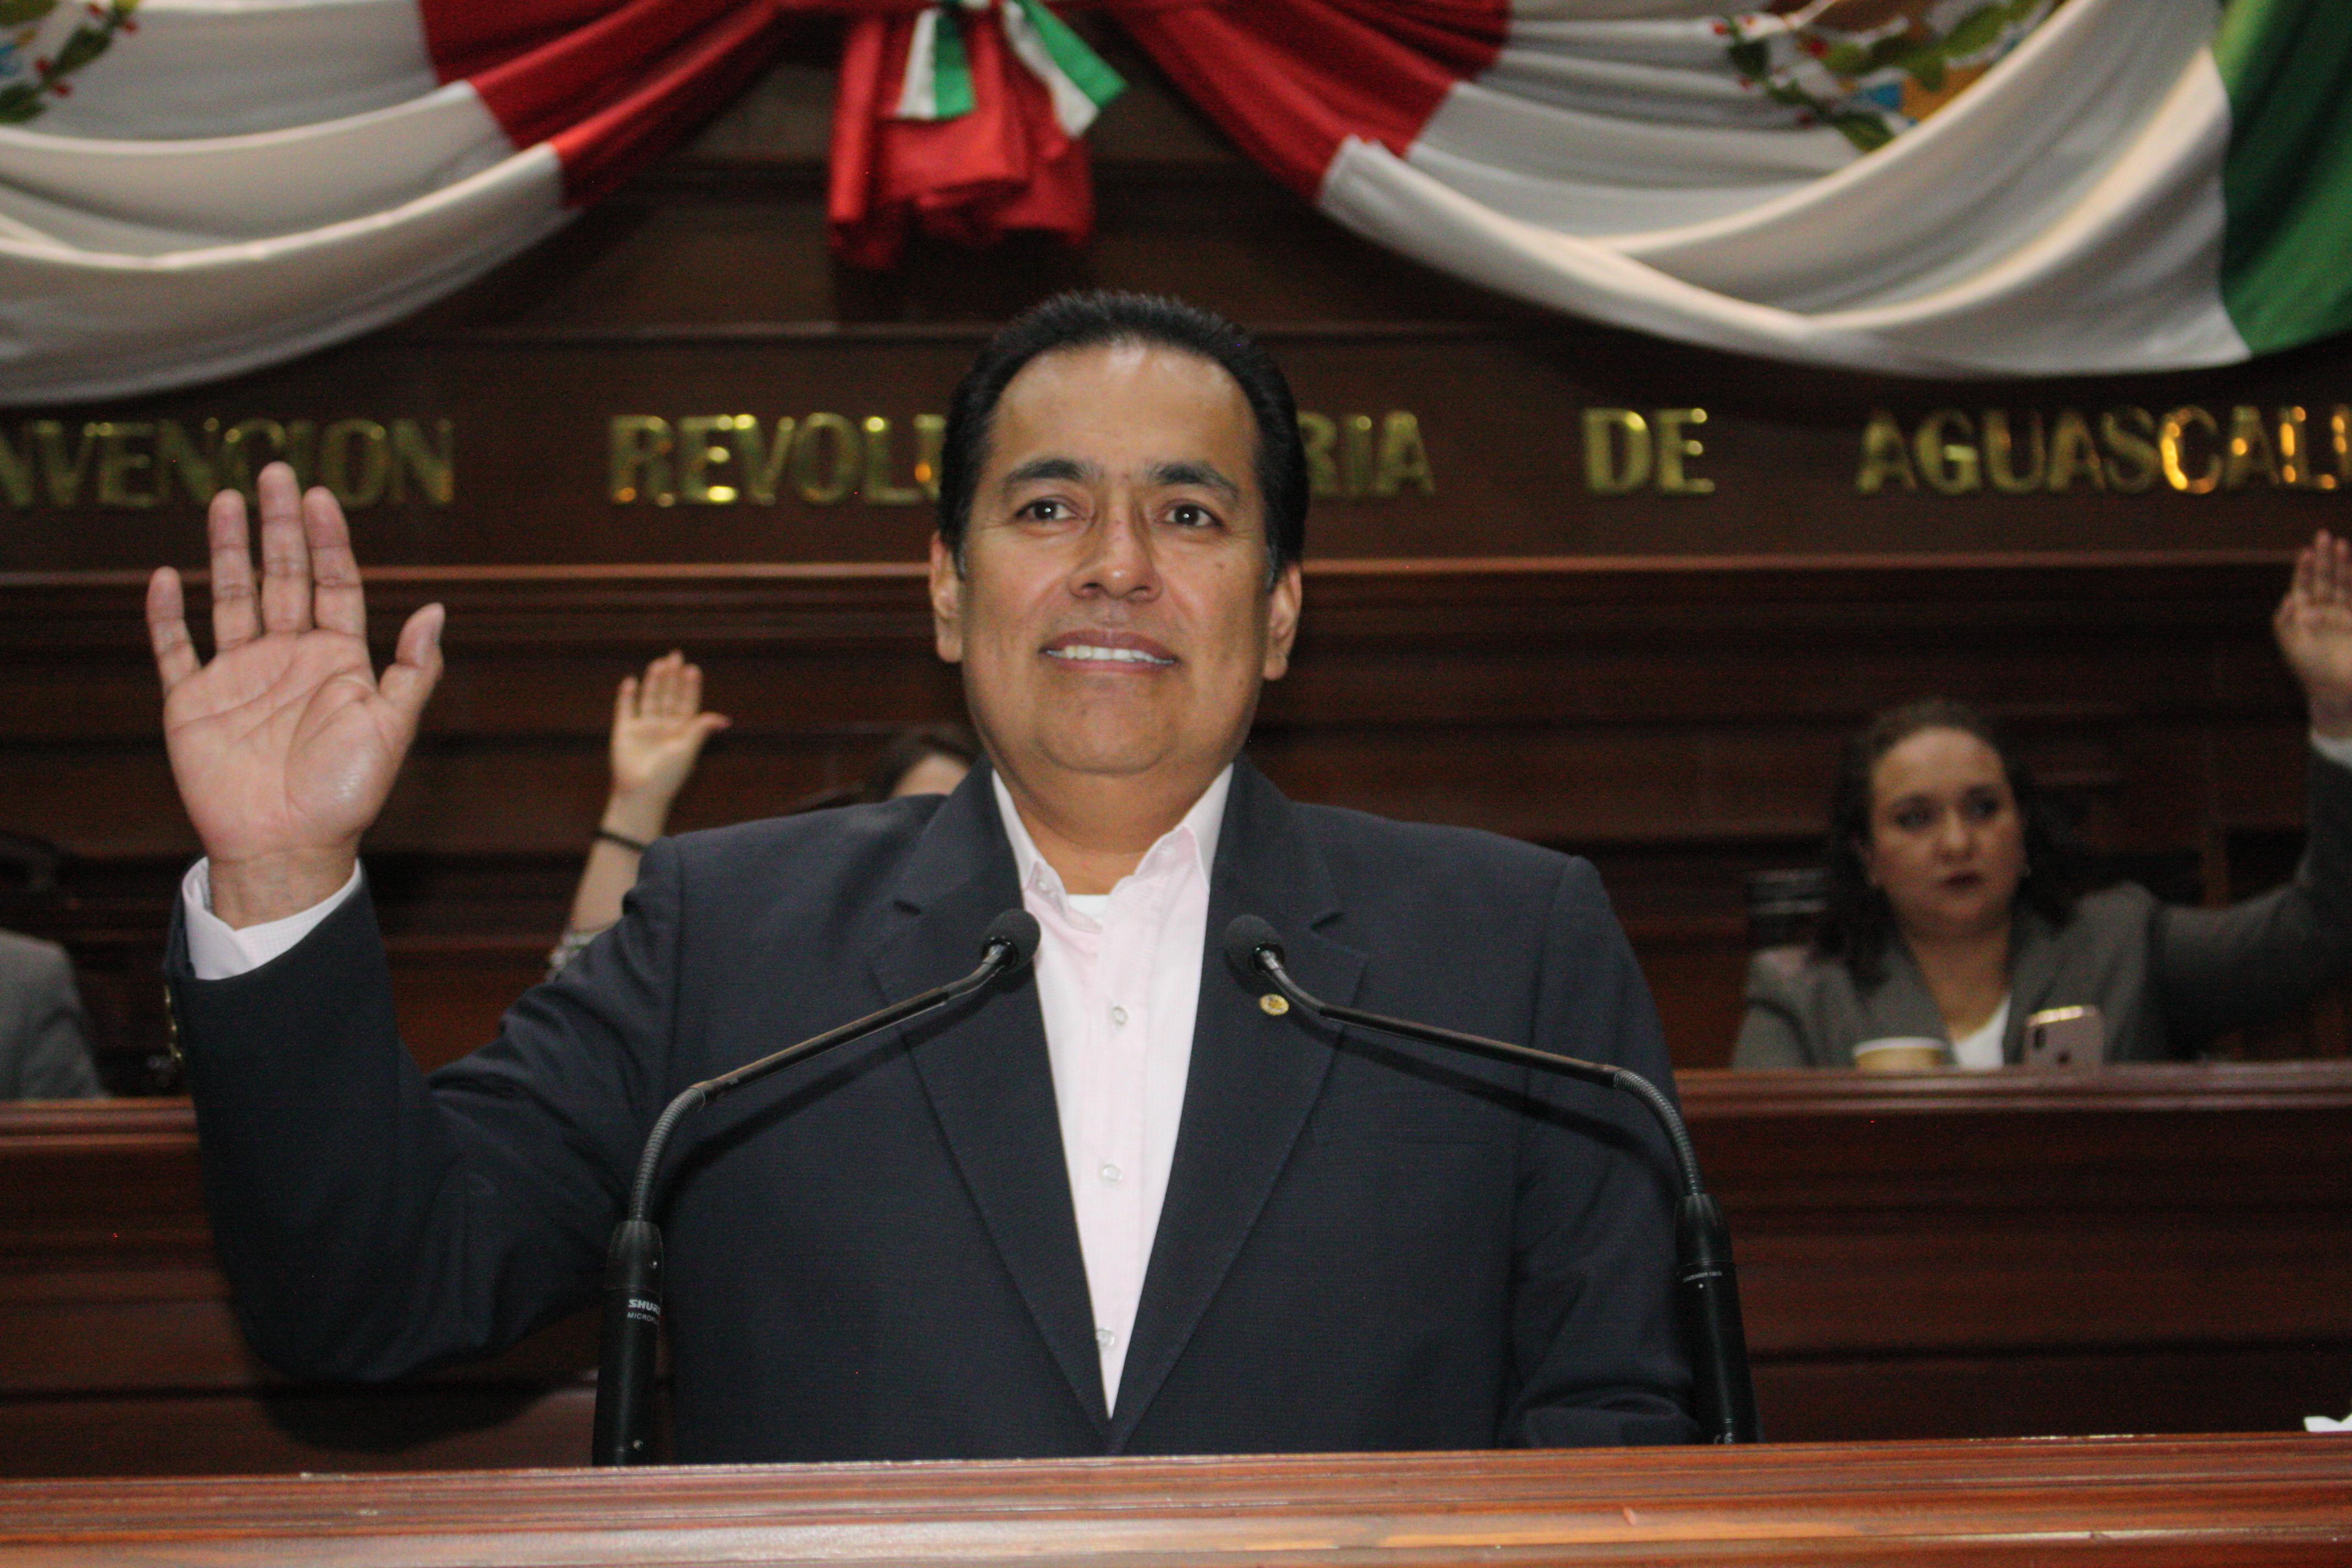 MEMO ALANIZ EXHORTA A SERVIDORES PÚBLICOS A NO DESCUIDAR SU LABOR POR CAMPAÑAS ELECTORALES